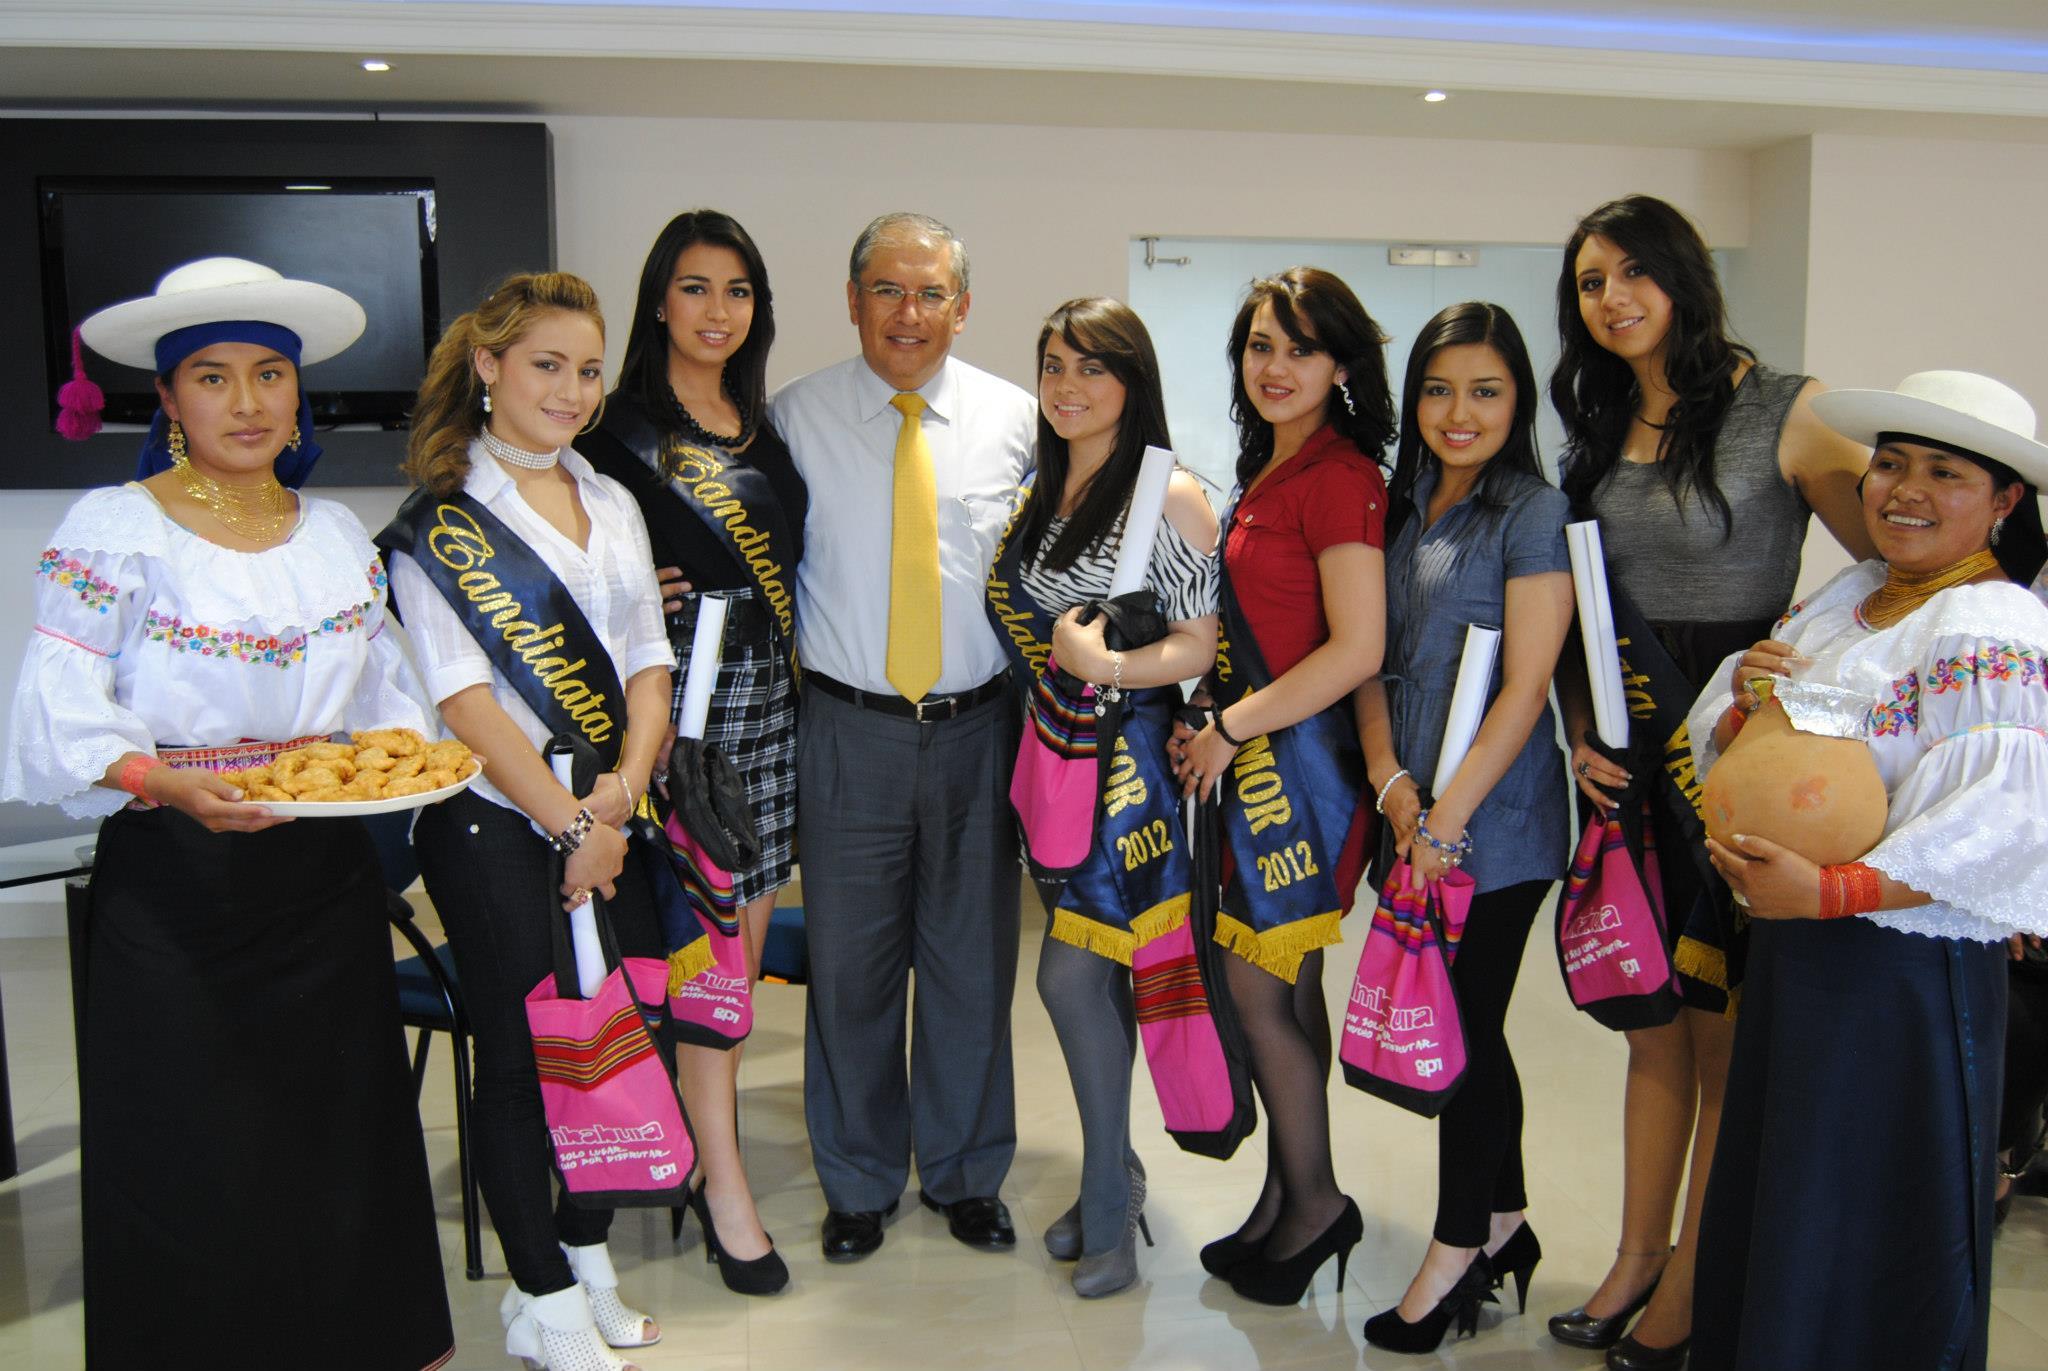 Candidatas a Reina del Yamor 2012, en visita al Prefecto de Imbabura Ing. Diego García. foto: Gobierno Provincial de Imbabura